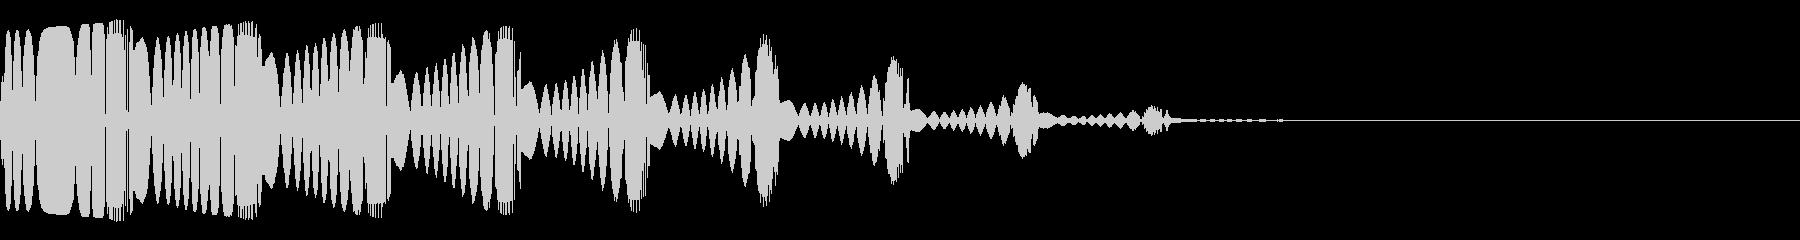 ピヨピヨ(ミス/変身/死亡ゲームオーバーの未再生の波形